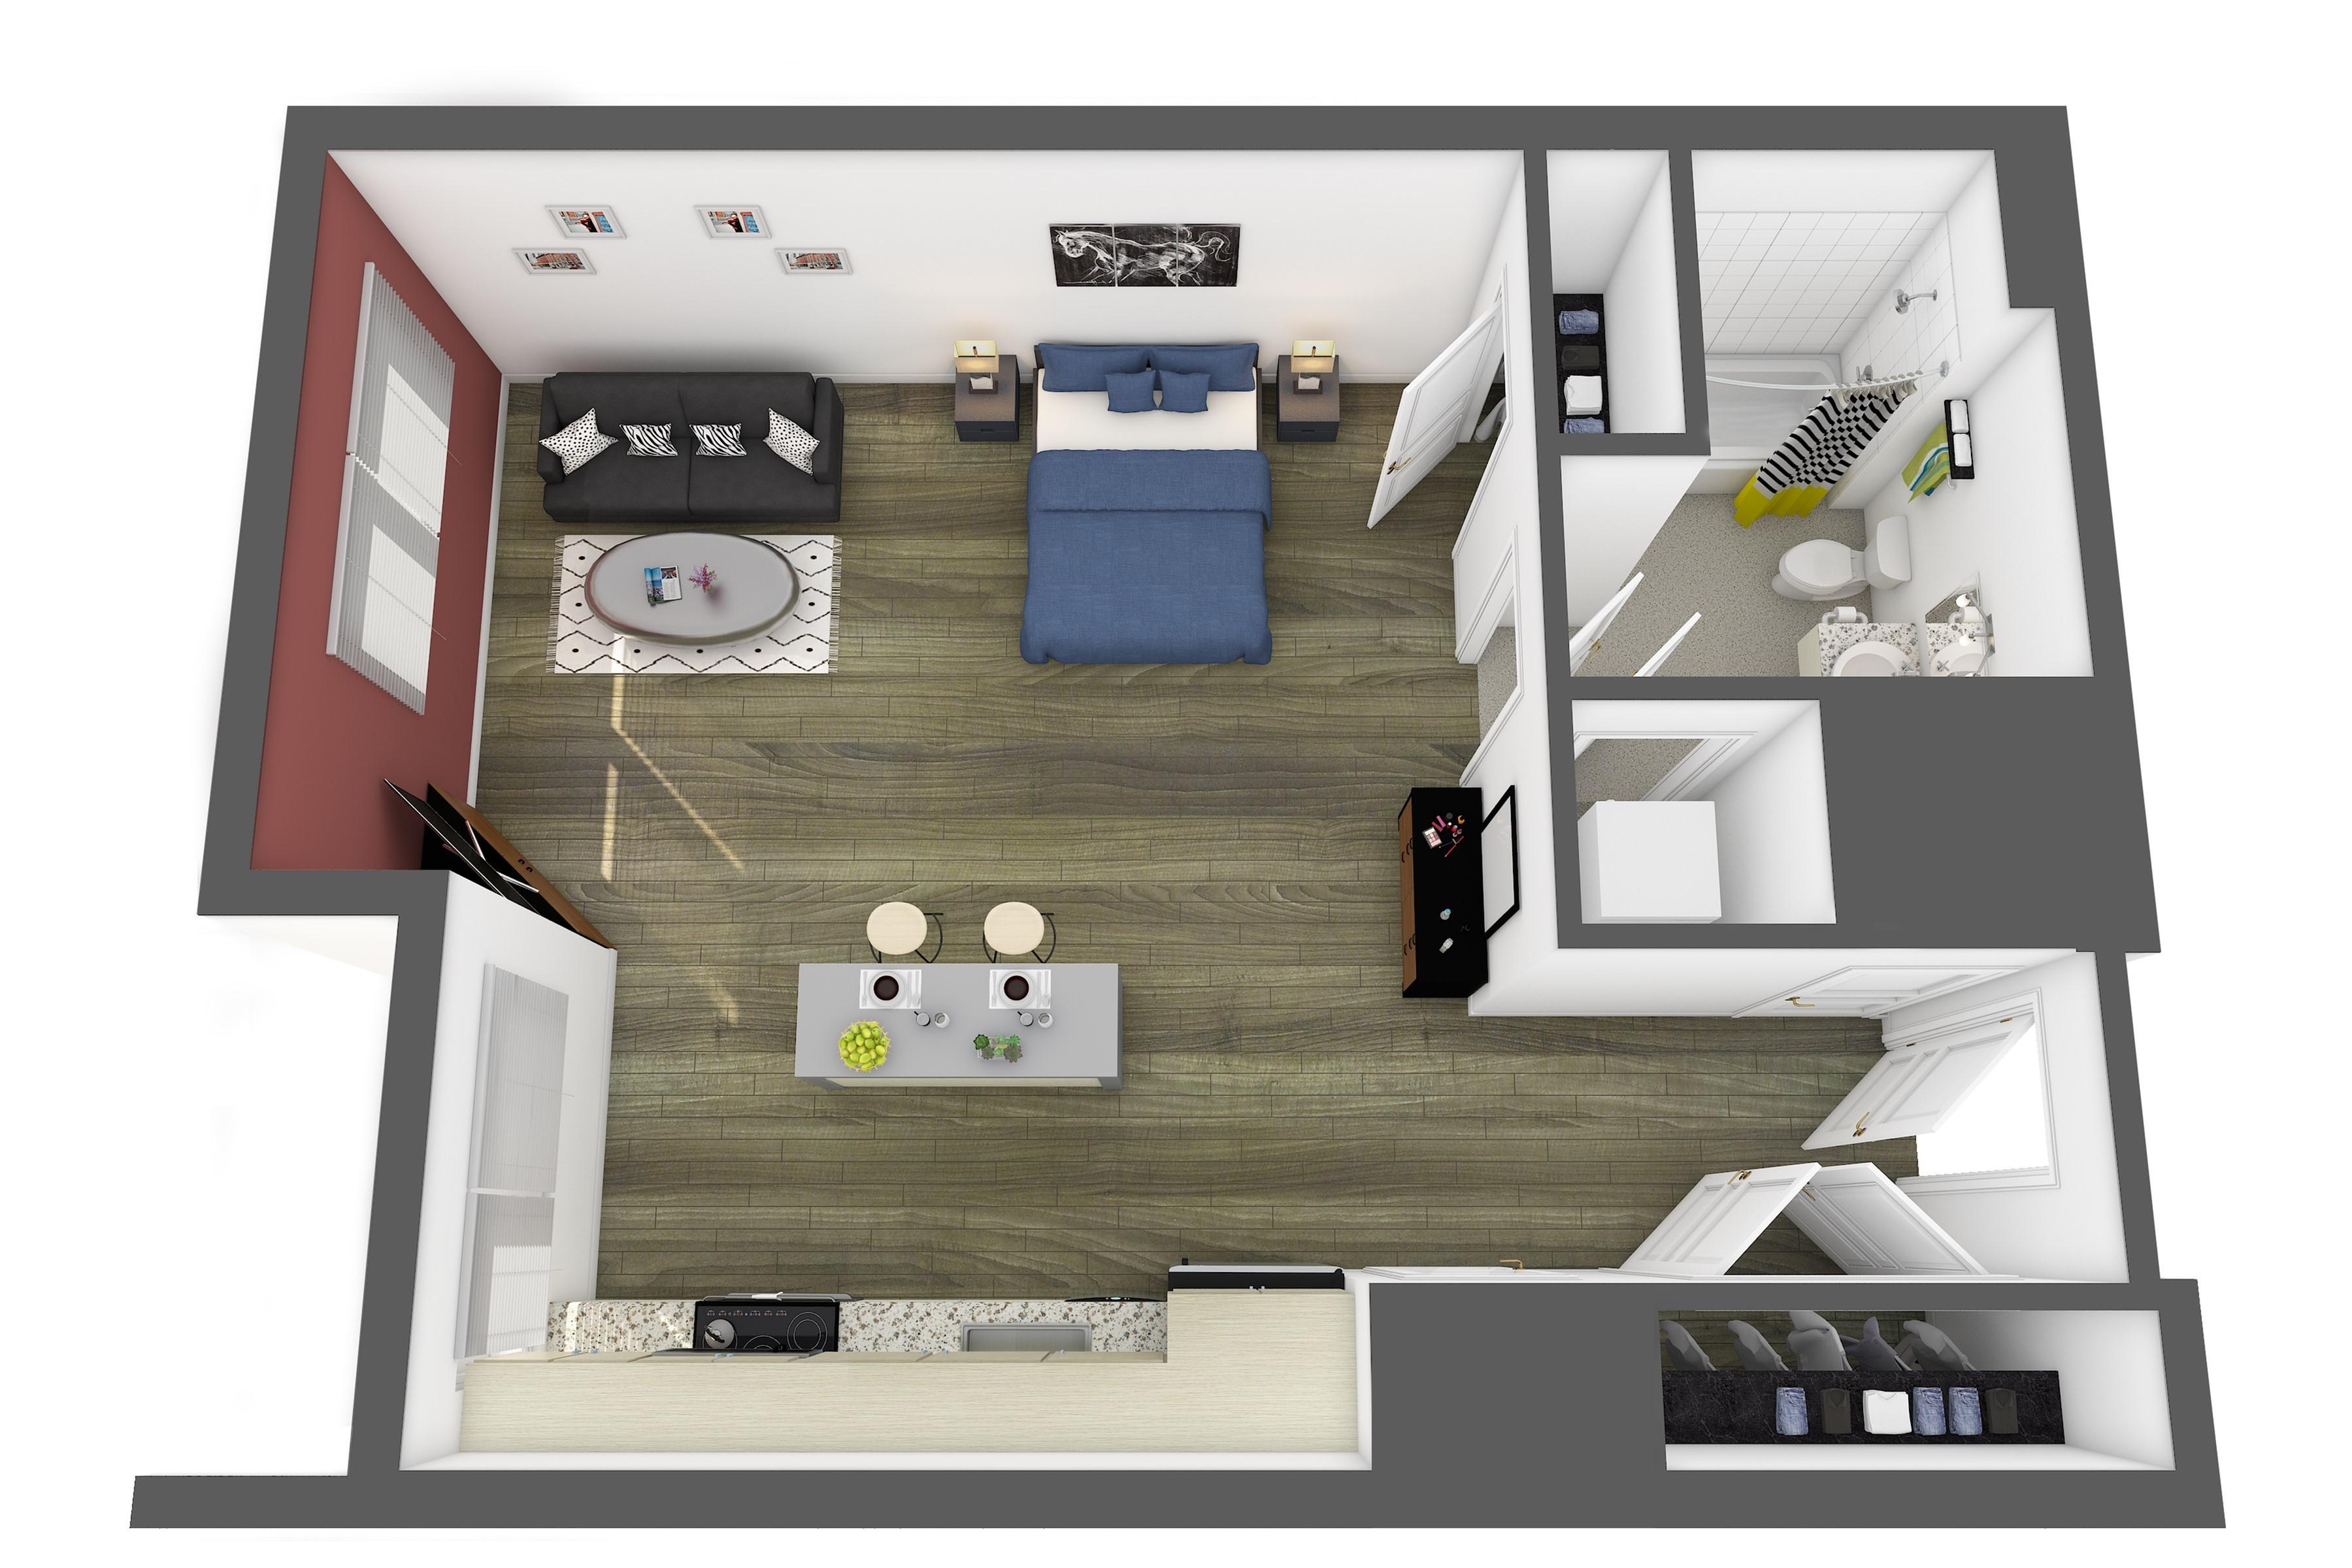 The Prado Floor Plan